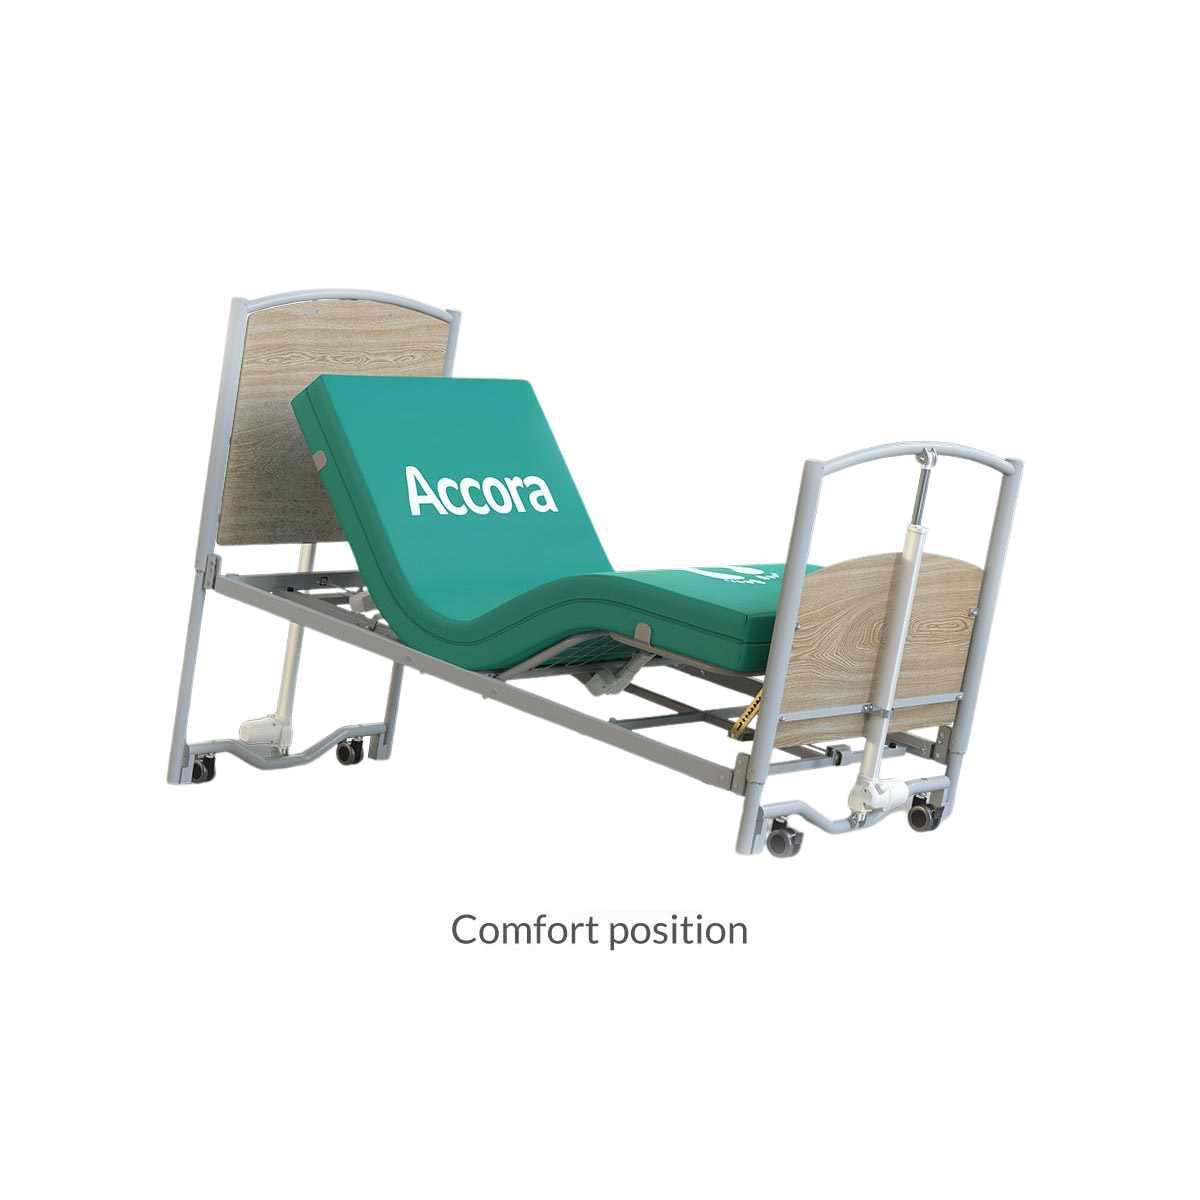 Accora FloorBed 1 - Comfort position